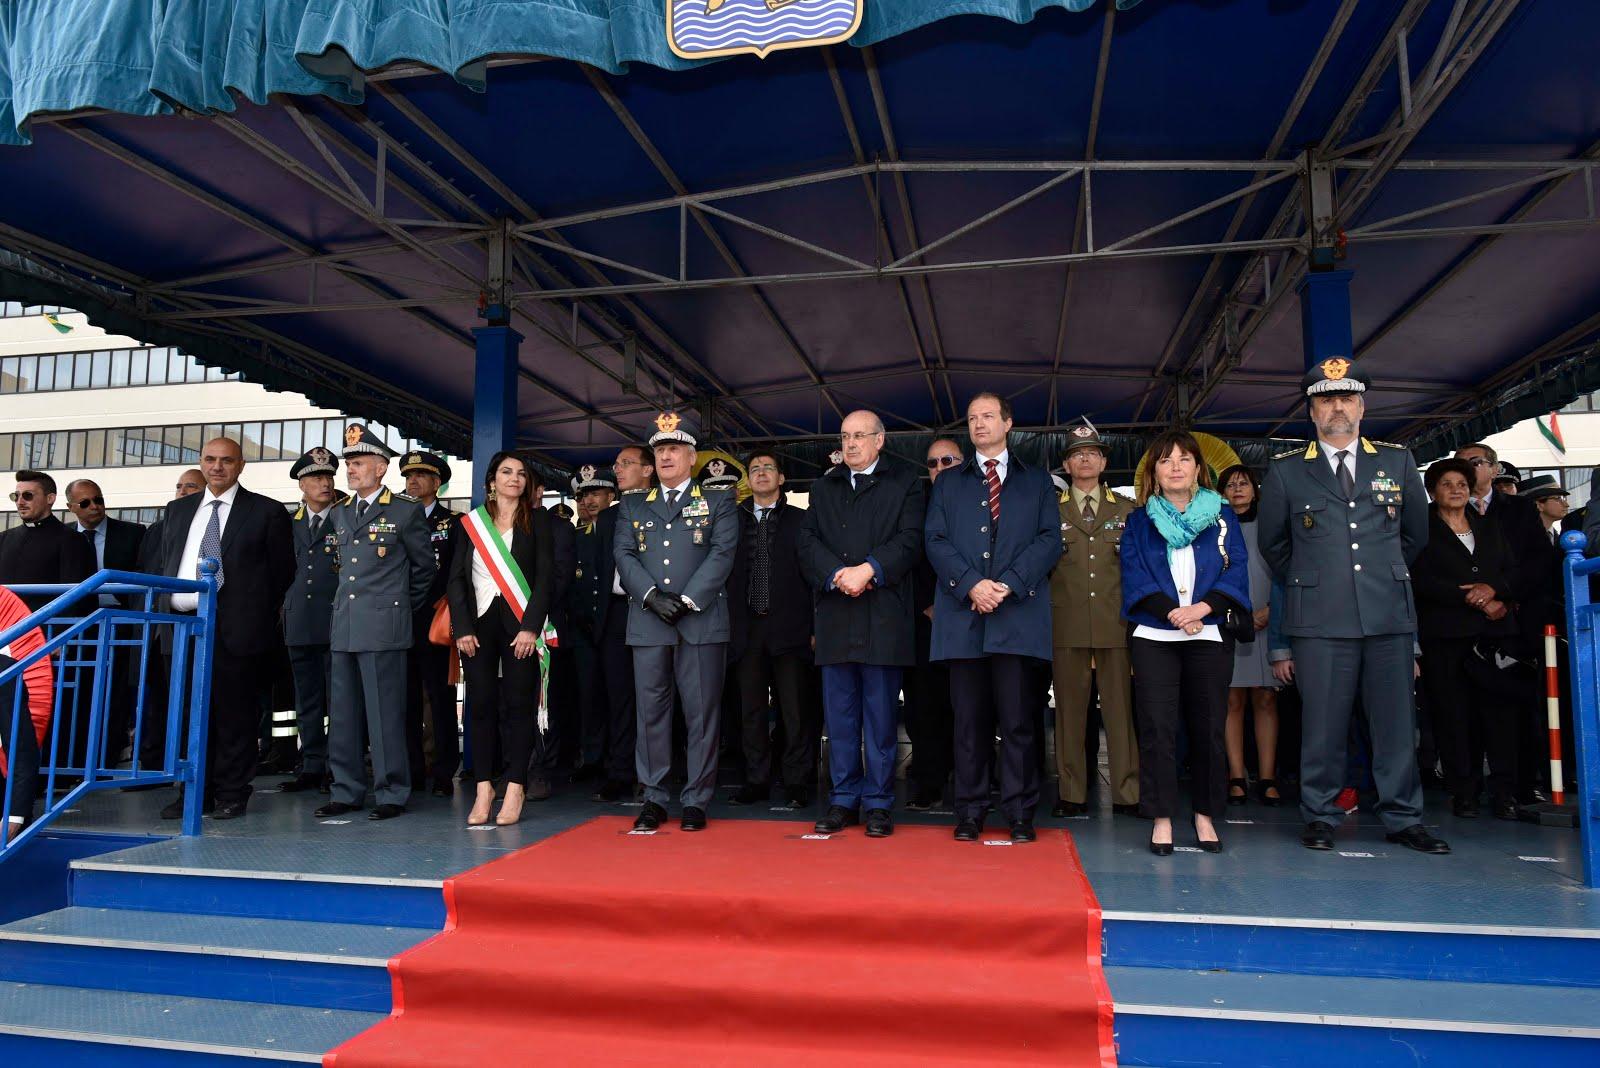 Cerimonia solenne di giuramento alla Repubblica Italiana